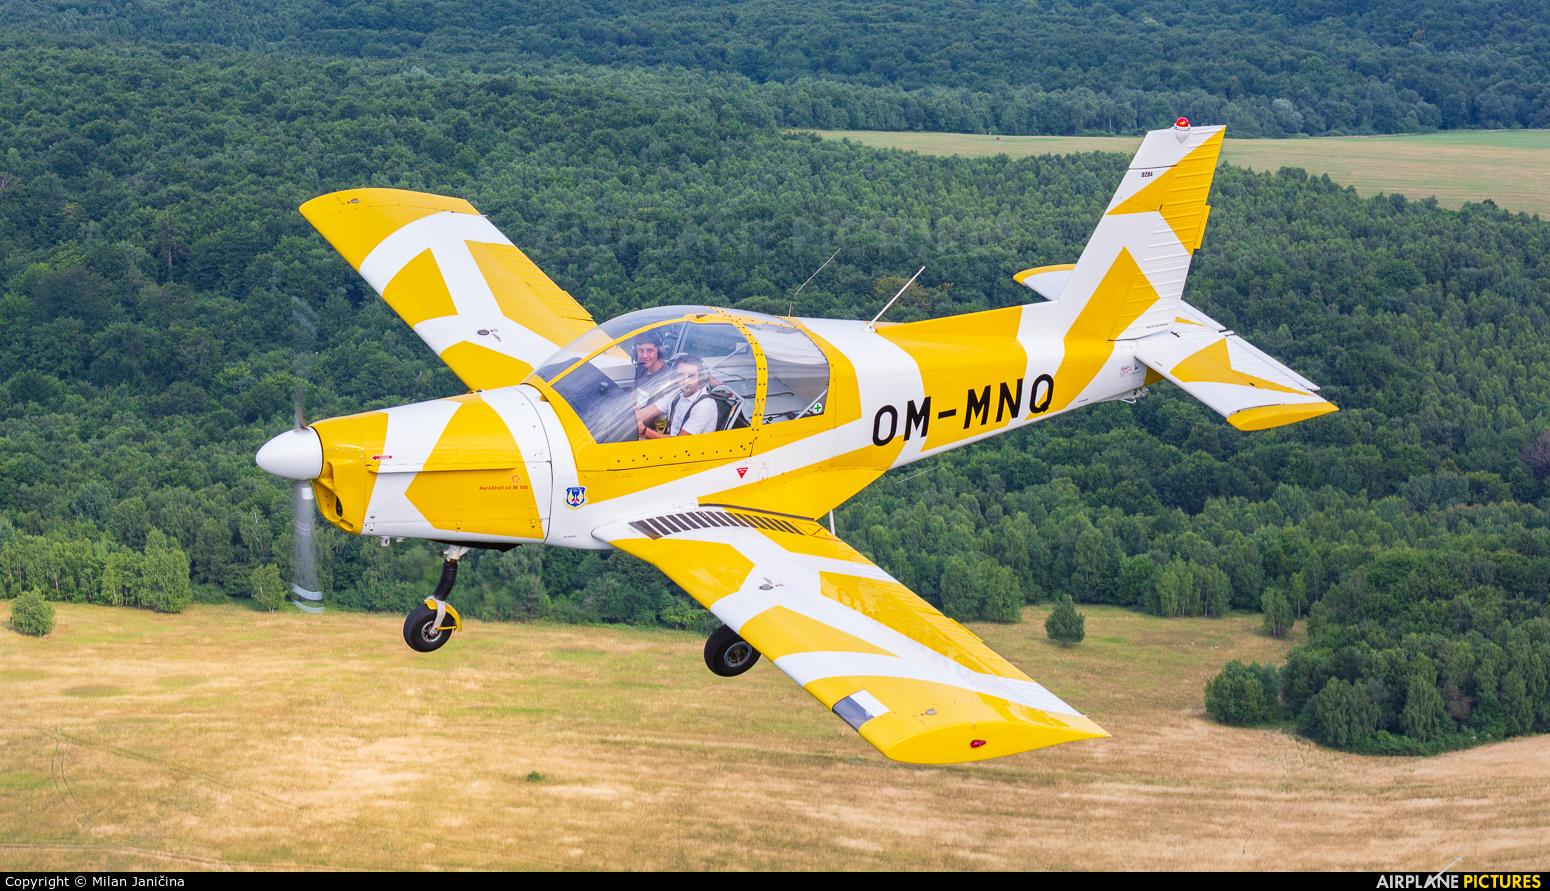 Aeroklub Svidník OM-MNQ aircraft at In Flight - Slovakia